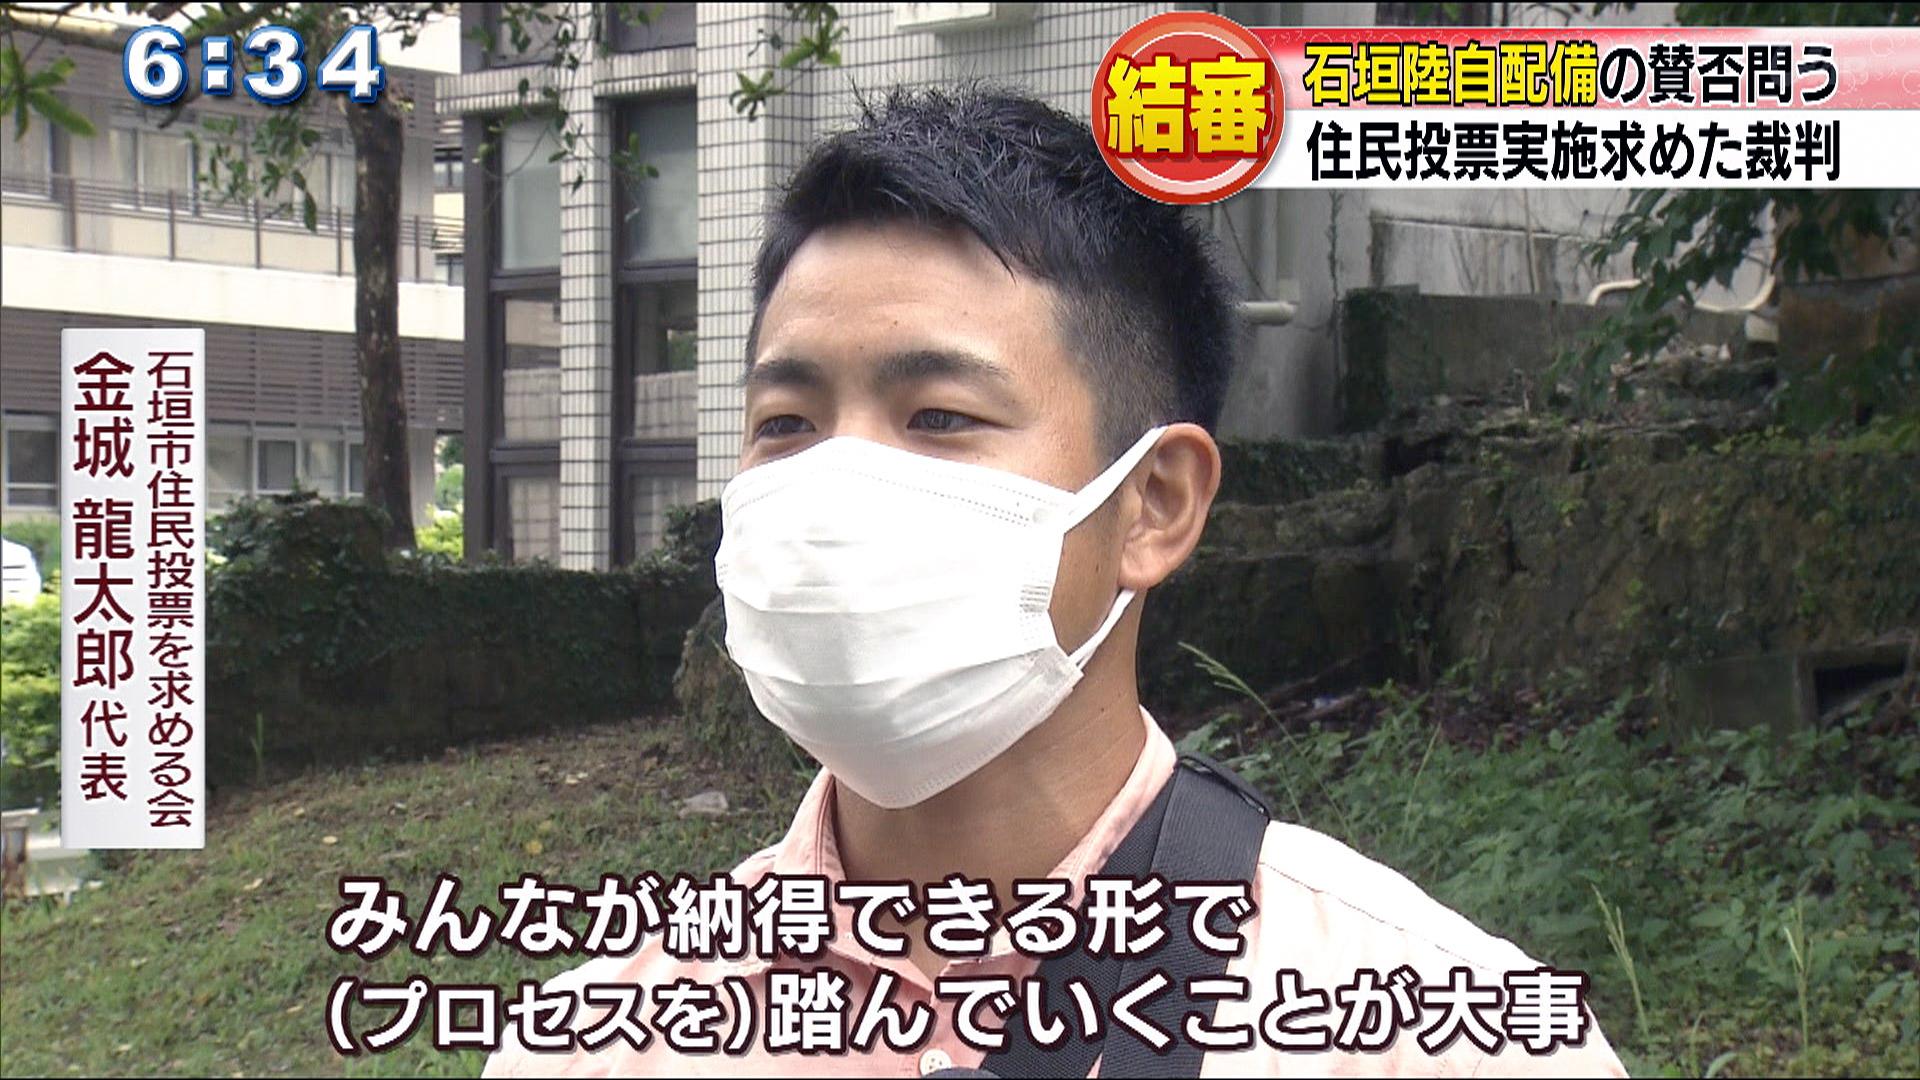 石垣・住民投票裁判結審 8月27日判決